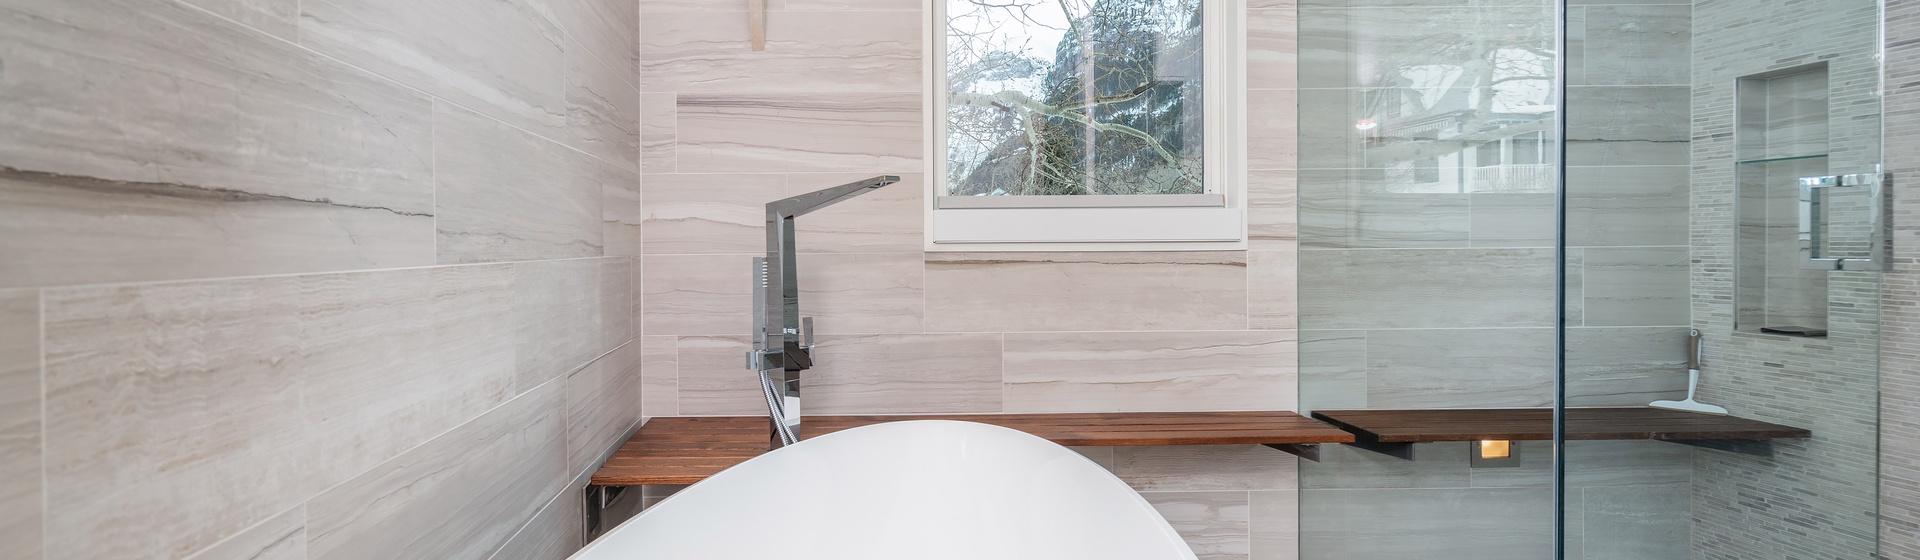 20-Telluride-The-Sunnyside-Master-Tub-Shower-Web.jpg